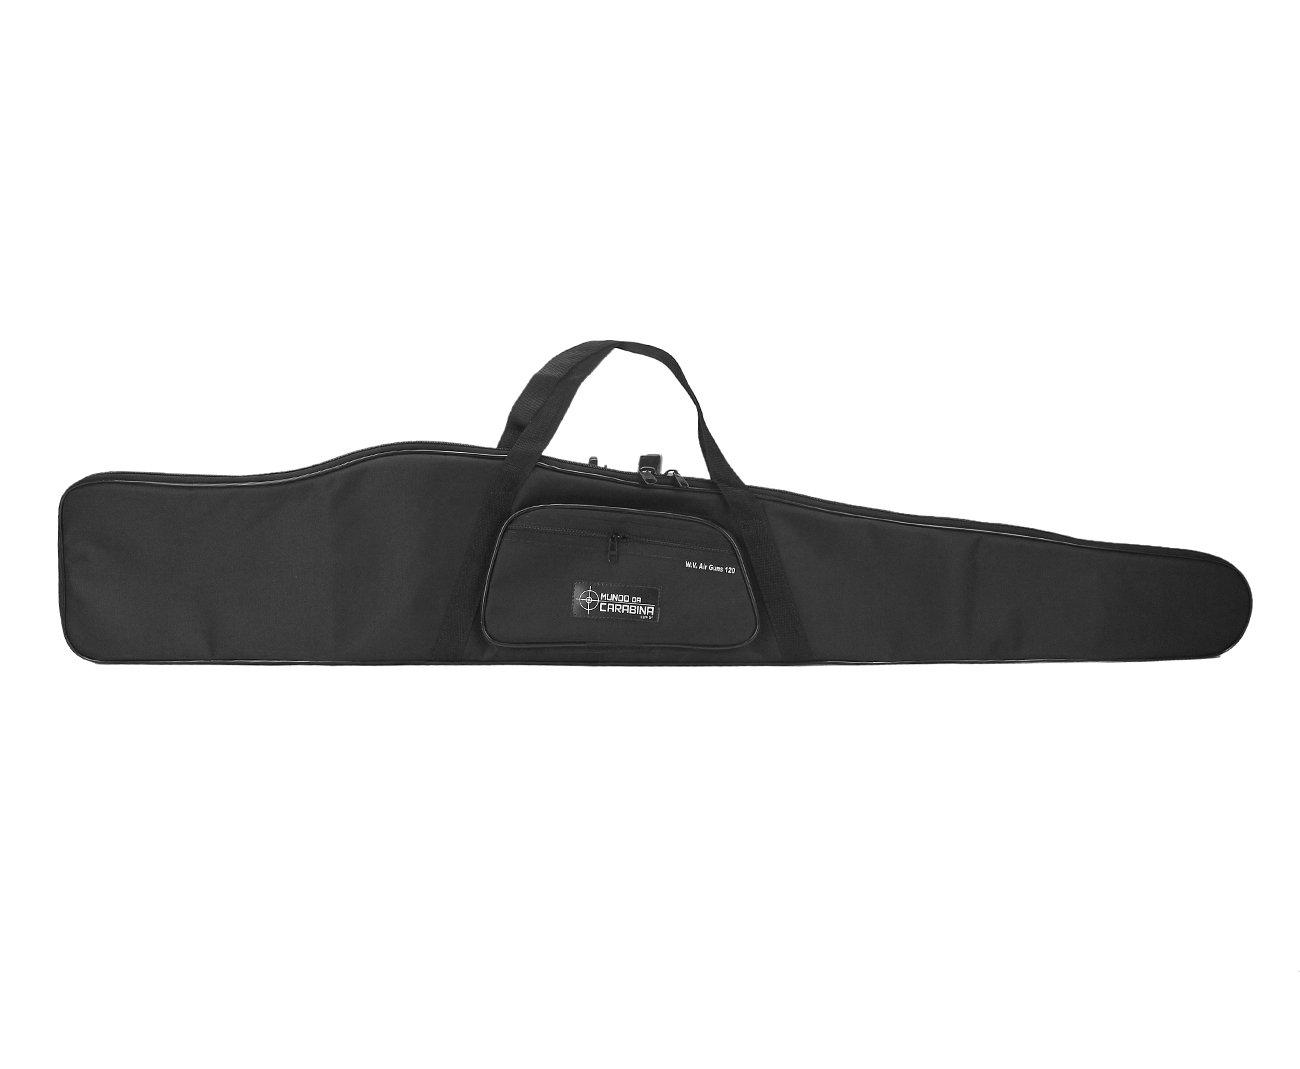 Capa Para Carabina Preta 120cm - Mundo Da Carabina